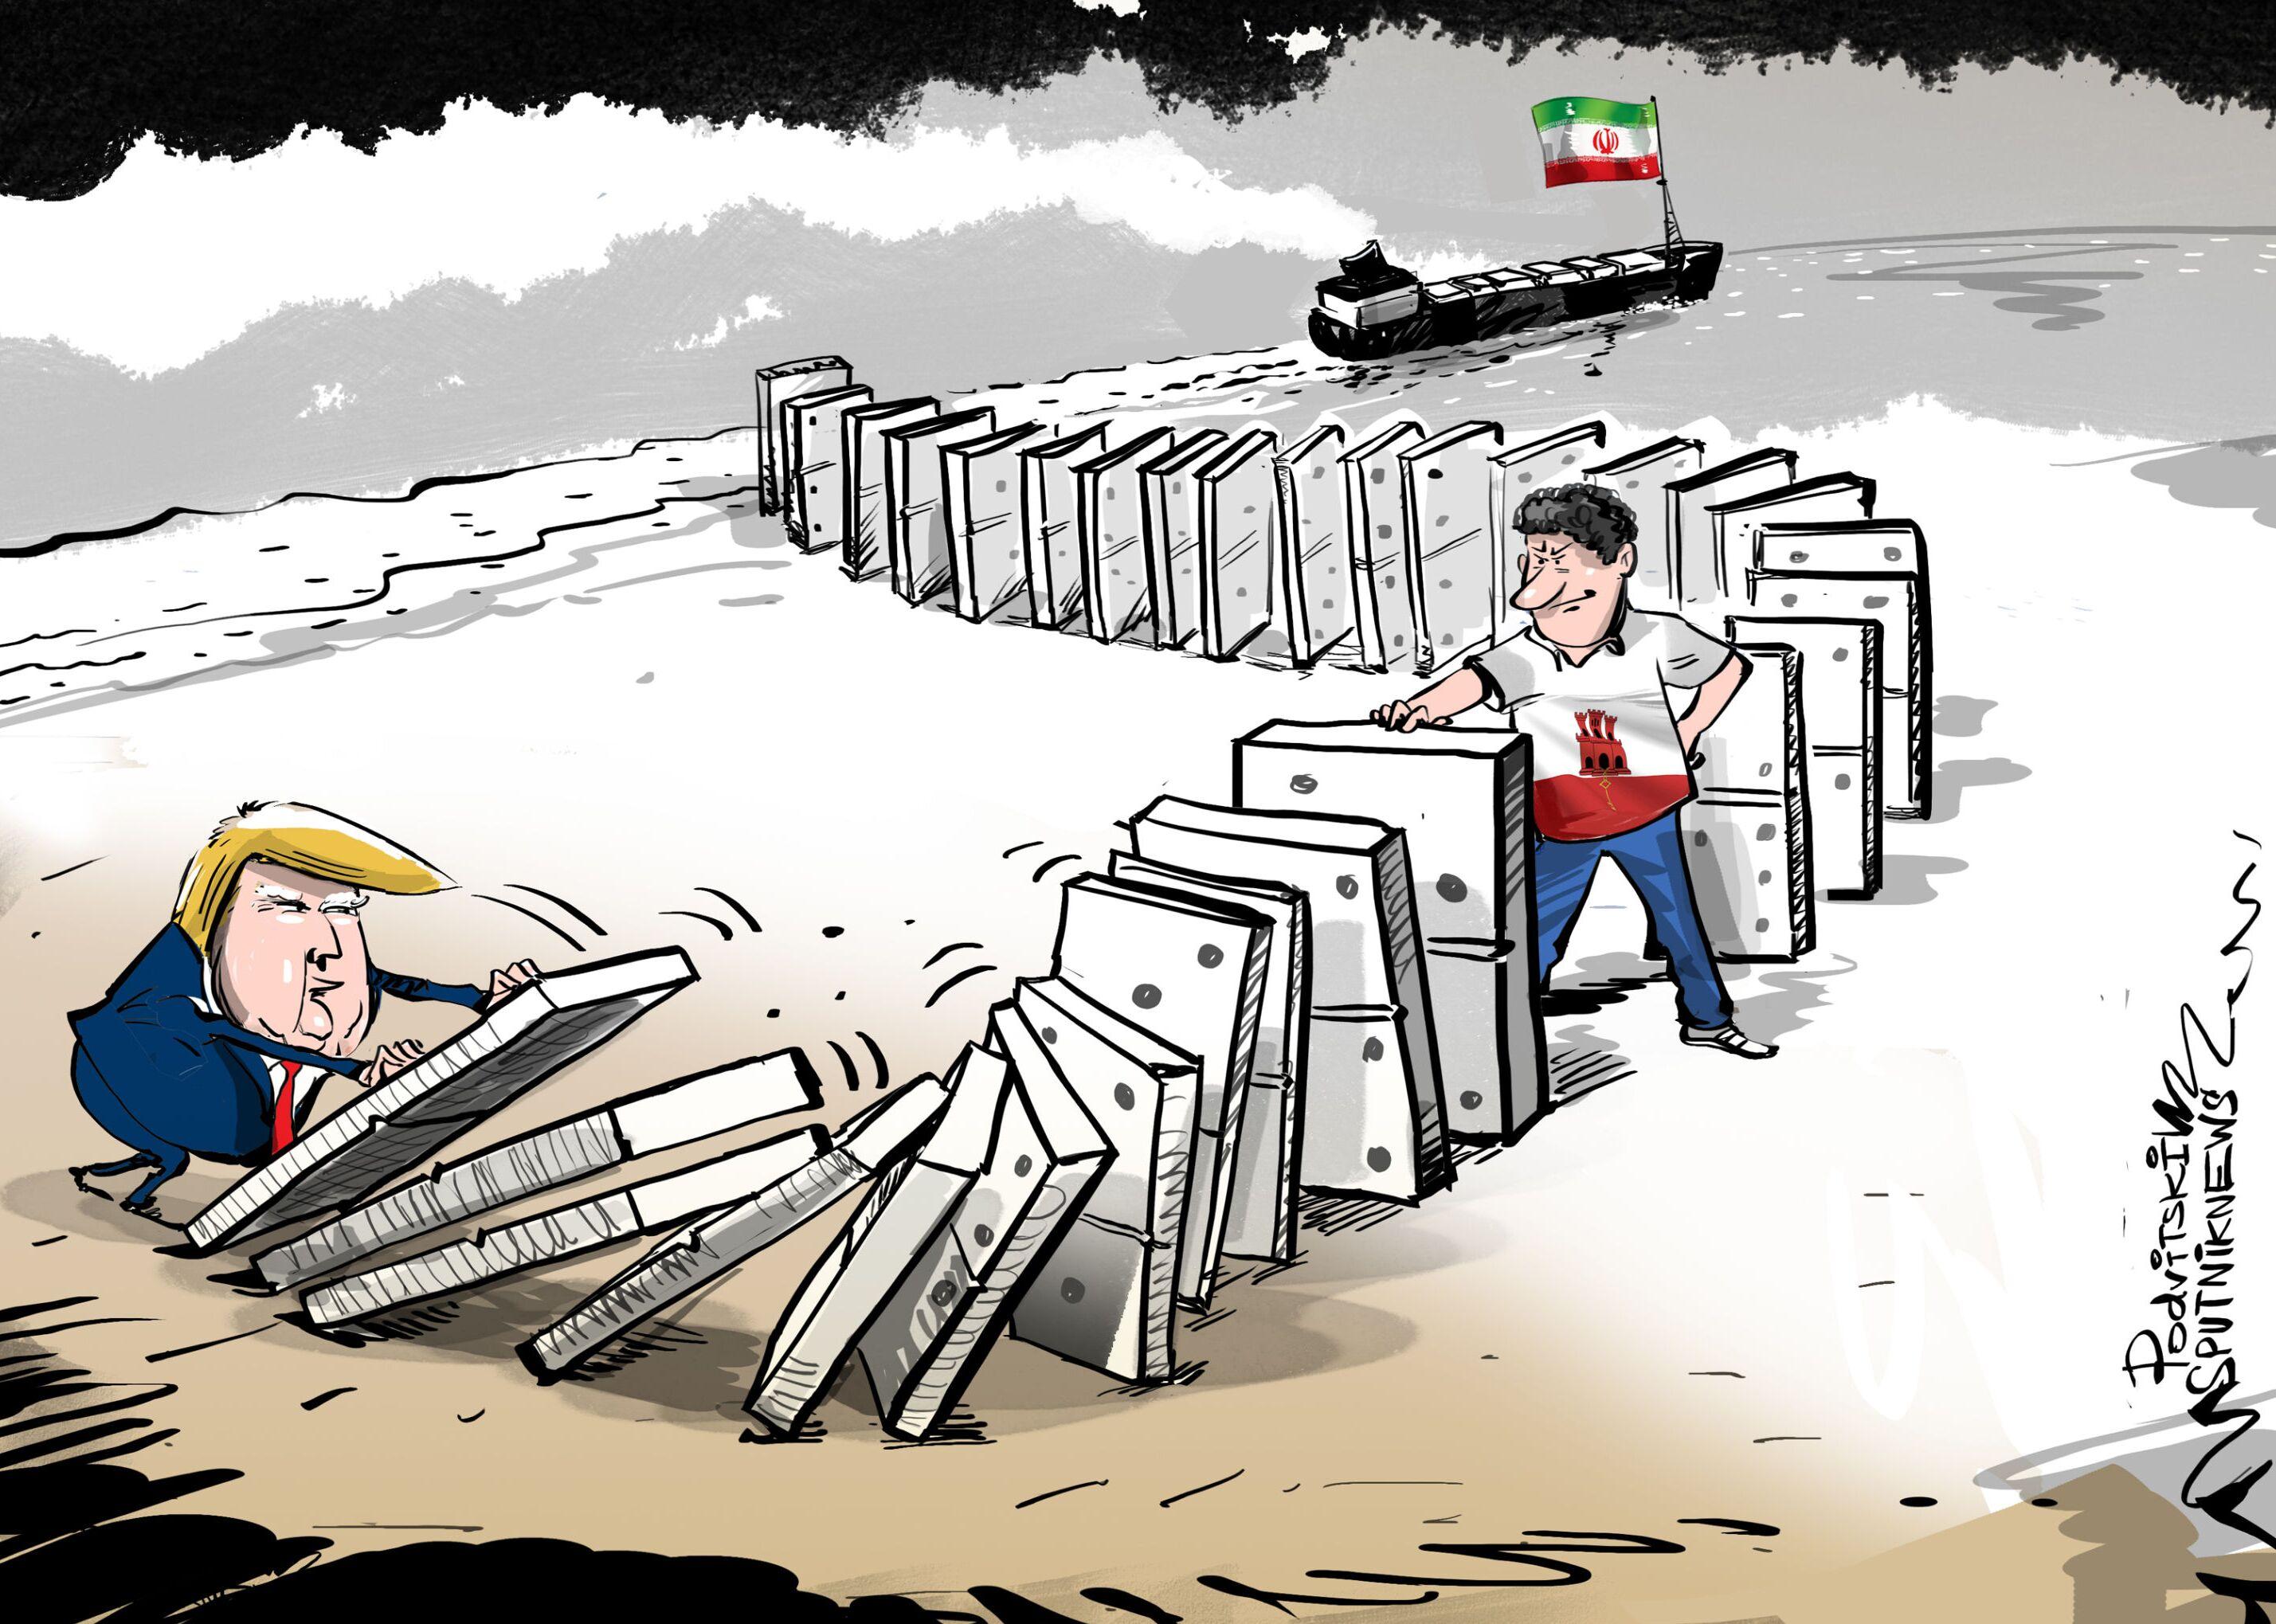 حكومة جبل طارق ترفض طلبا أمريكيا بمصادرة الناقلة الإيرانية